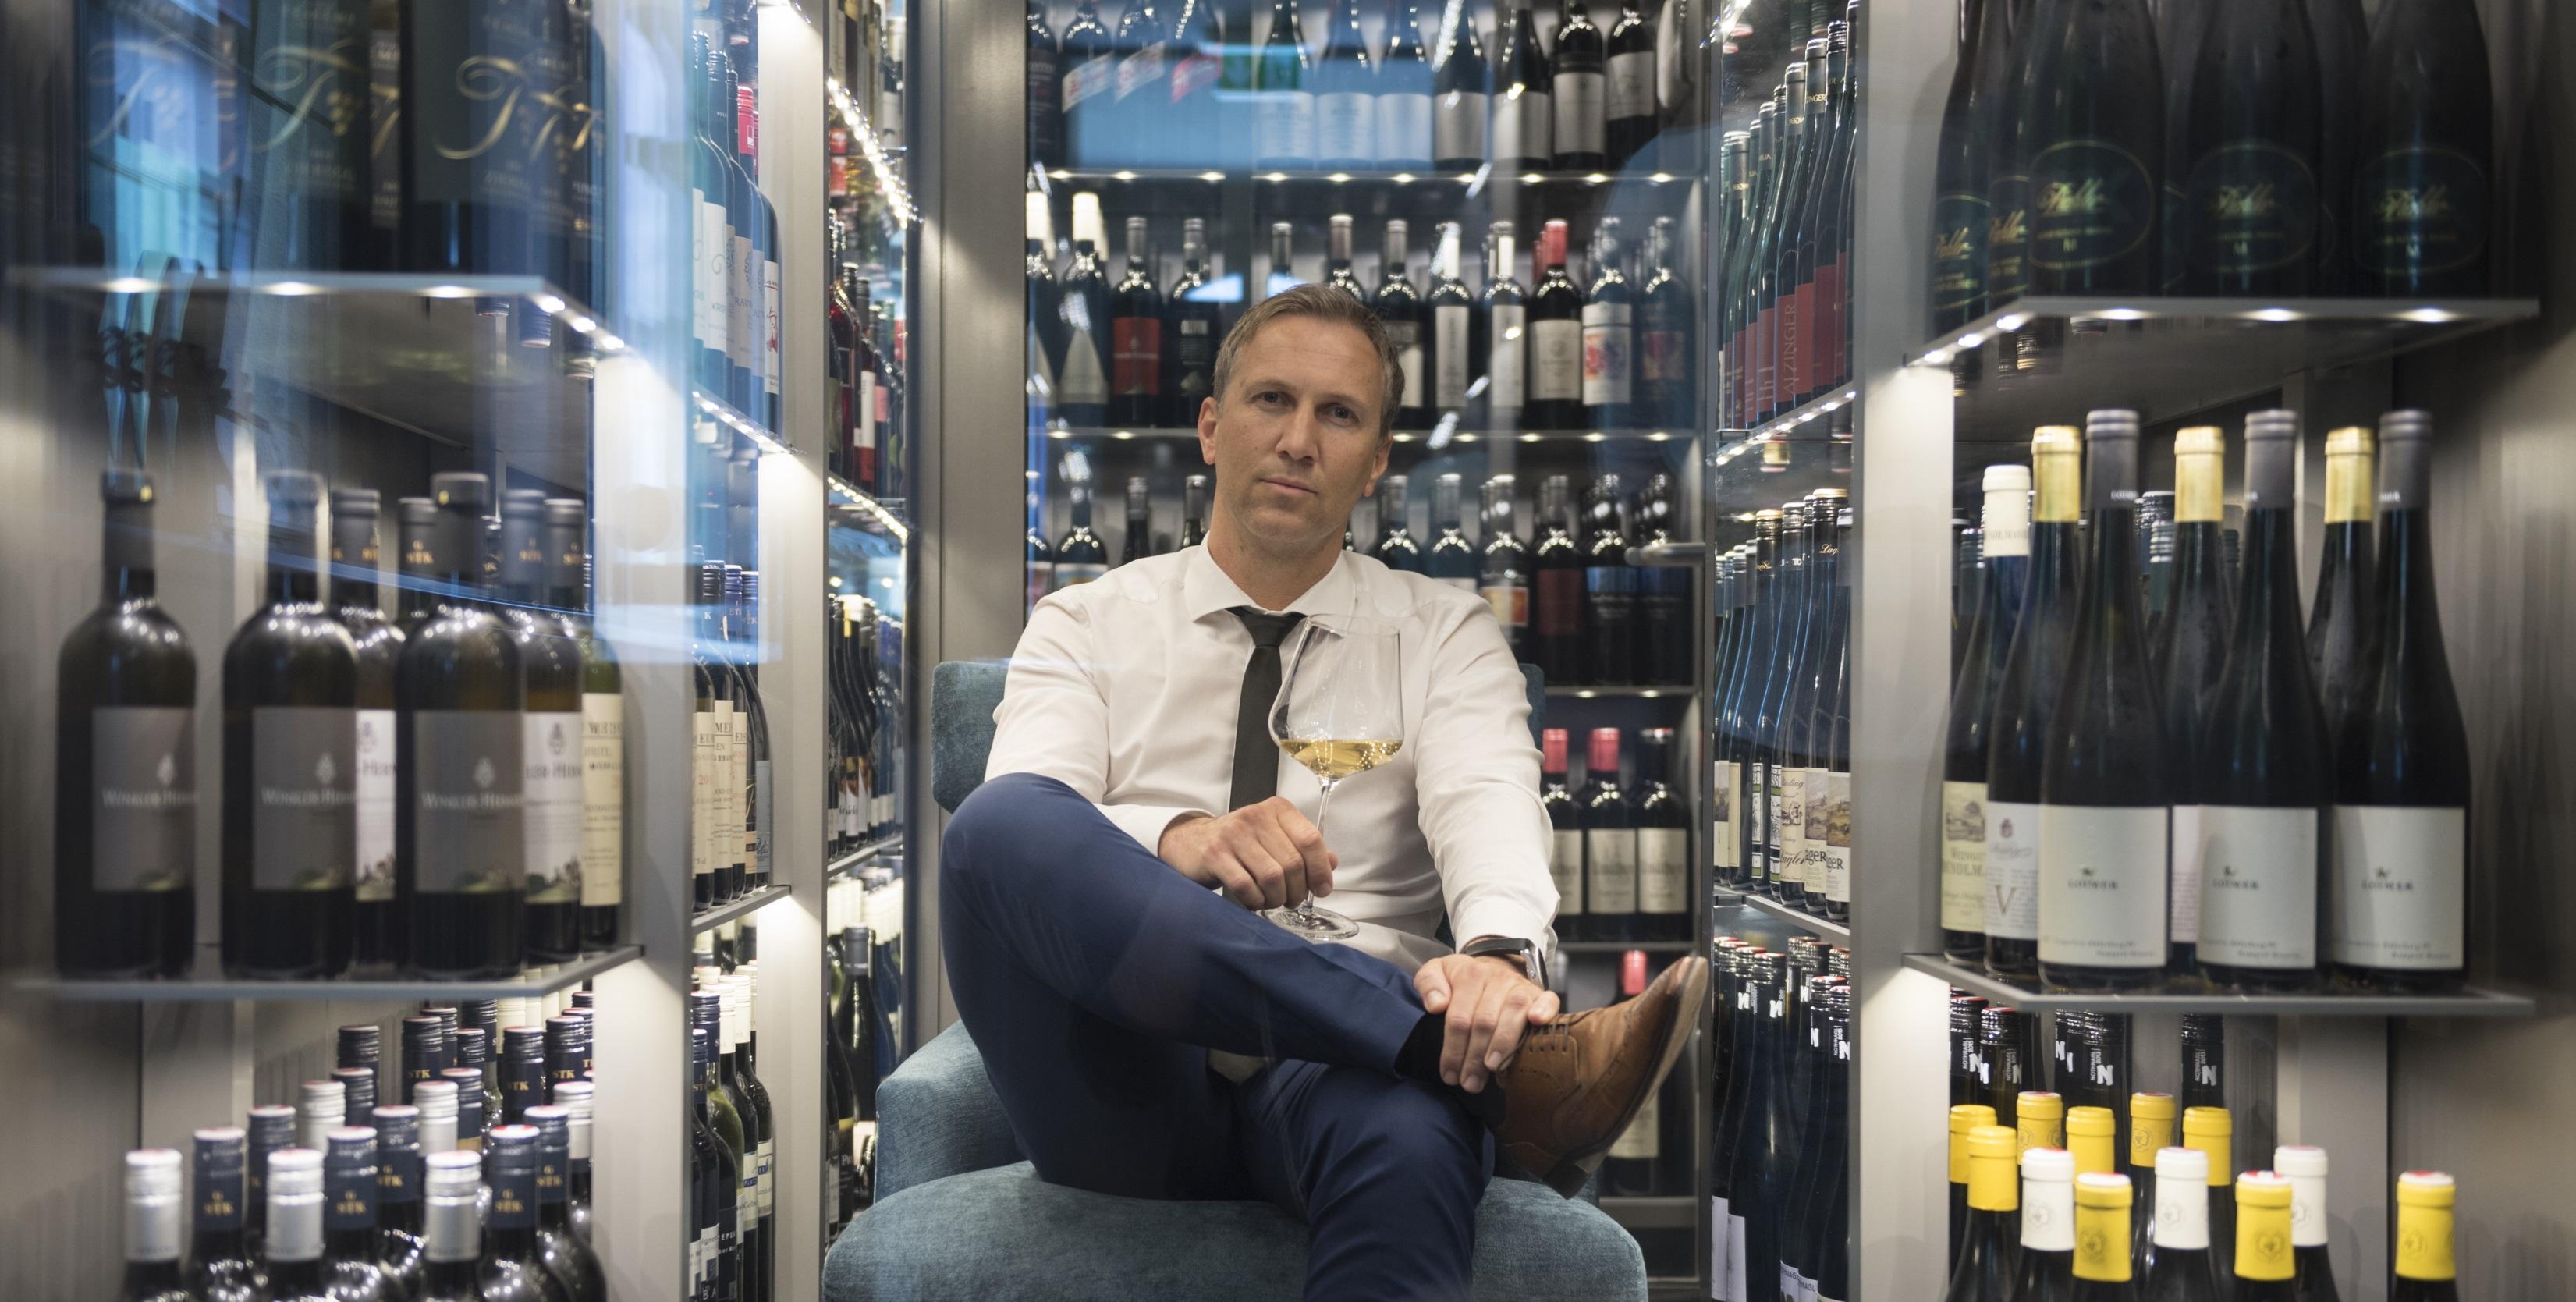 Diplom-Sommelier Mario Haberl im Weinkeller